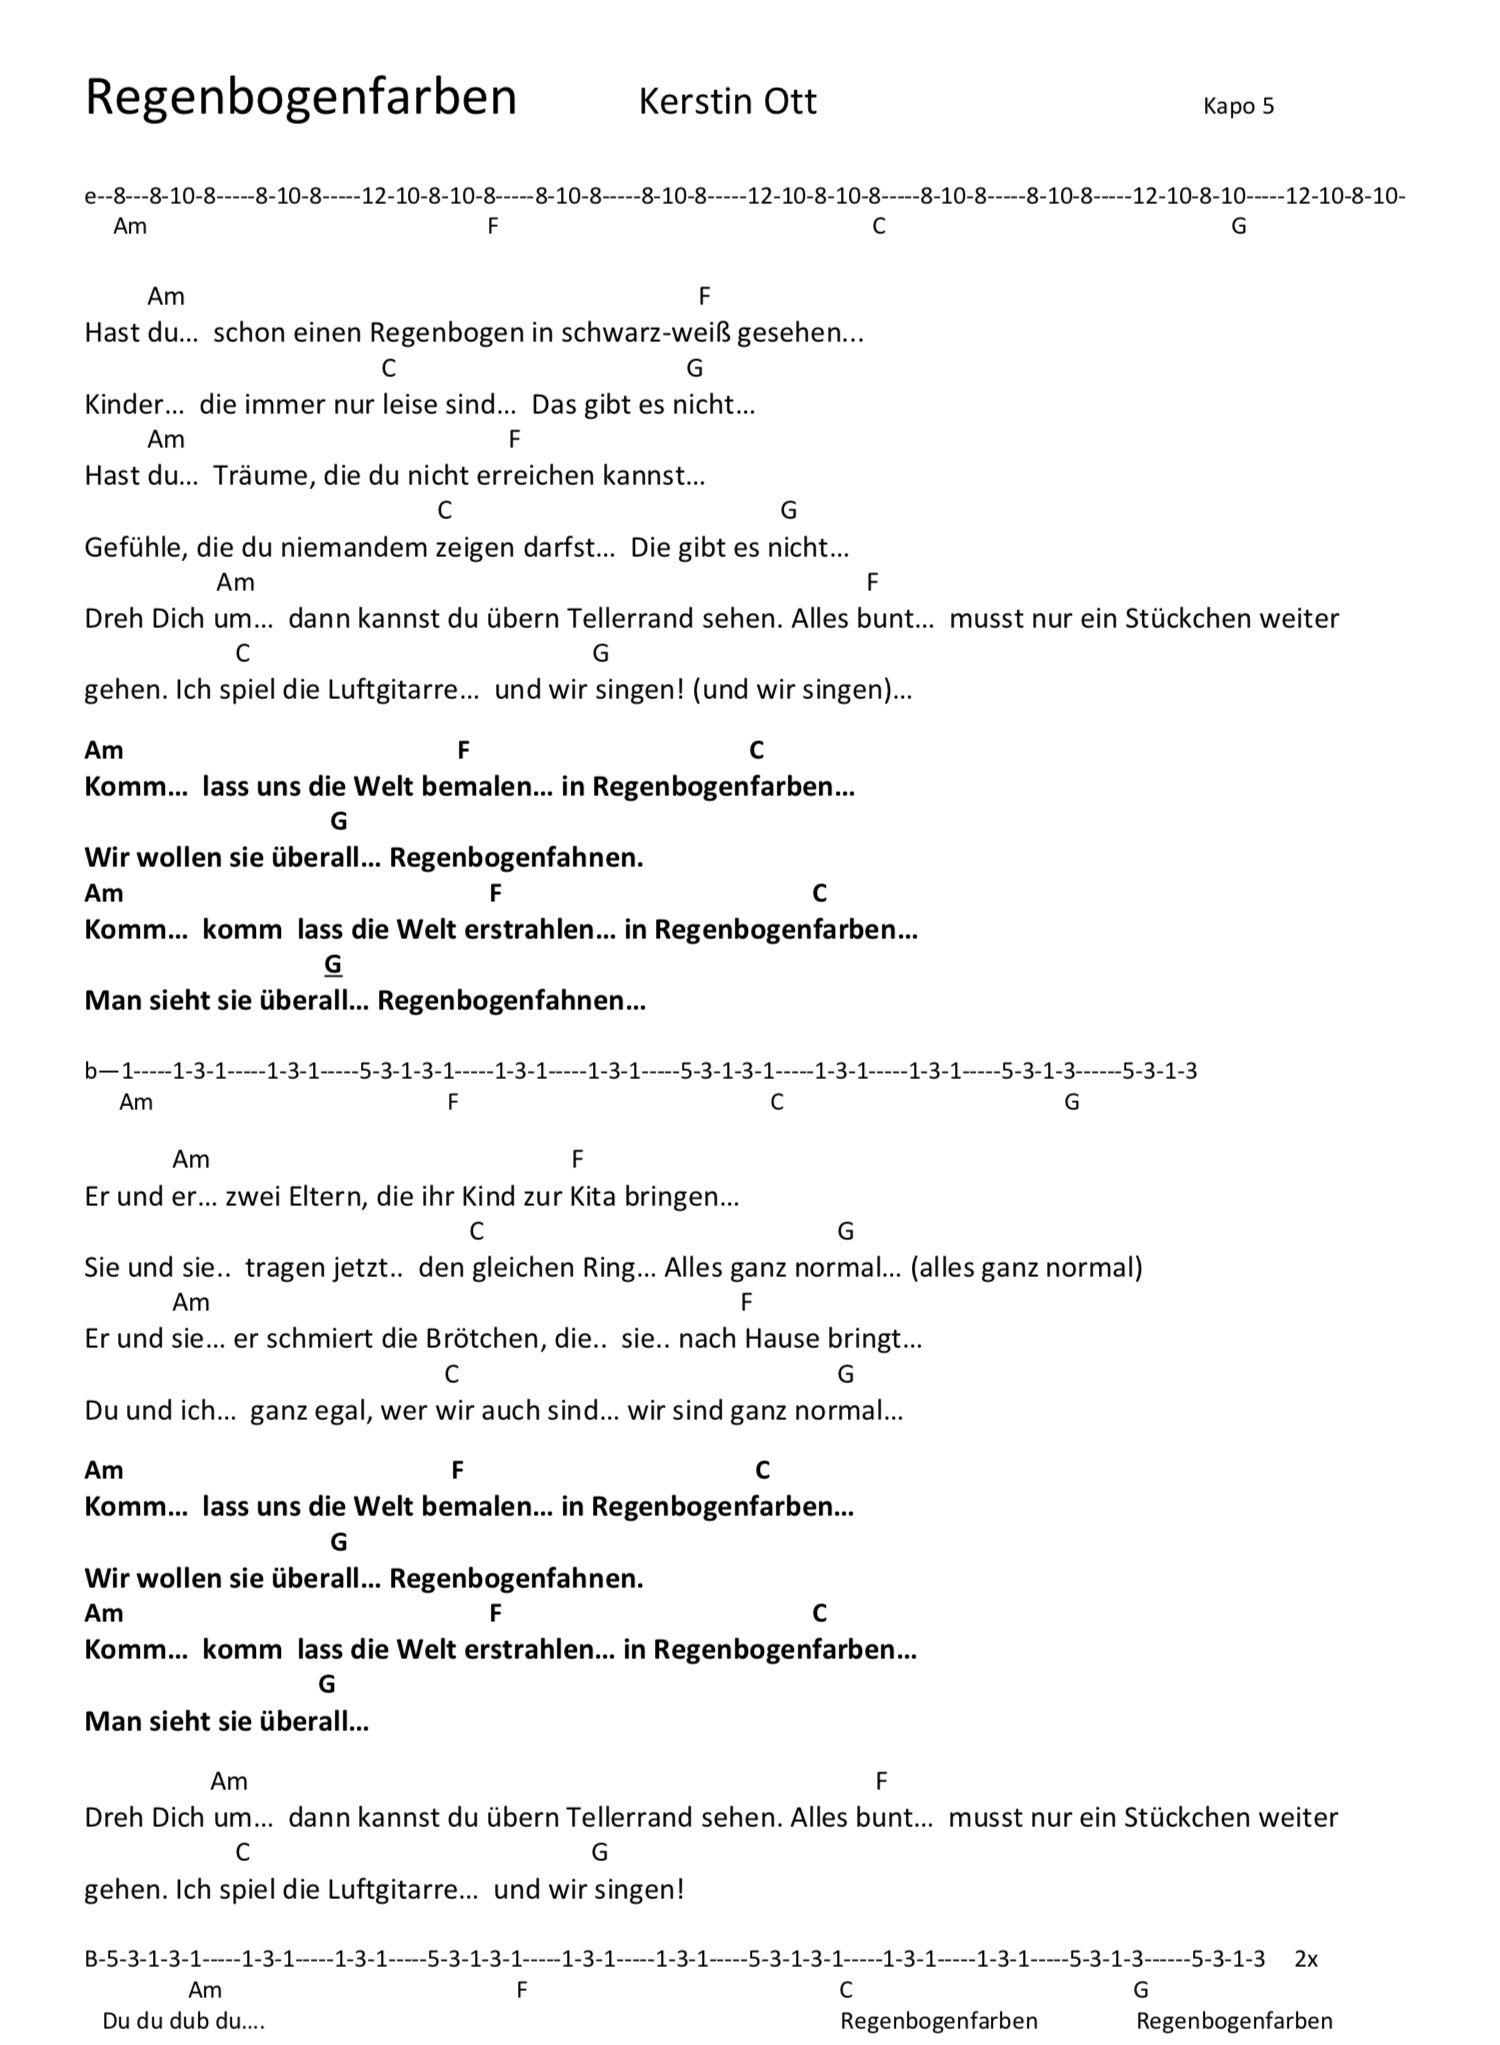 Regenbogenfarben Kerstin Ott- Songtext und Akkorde